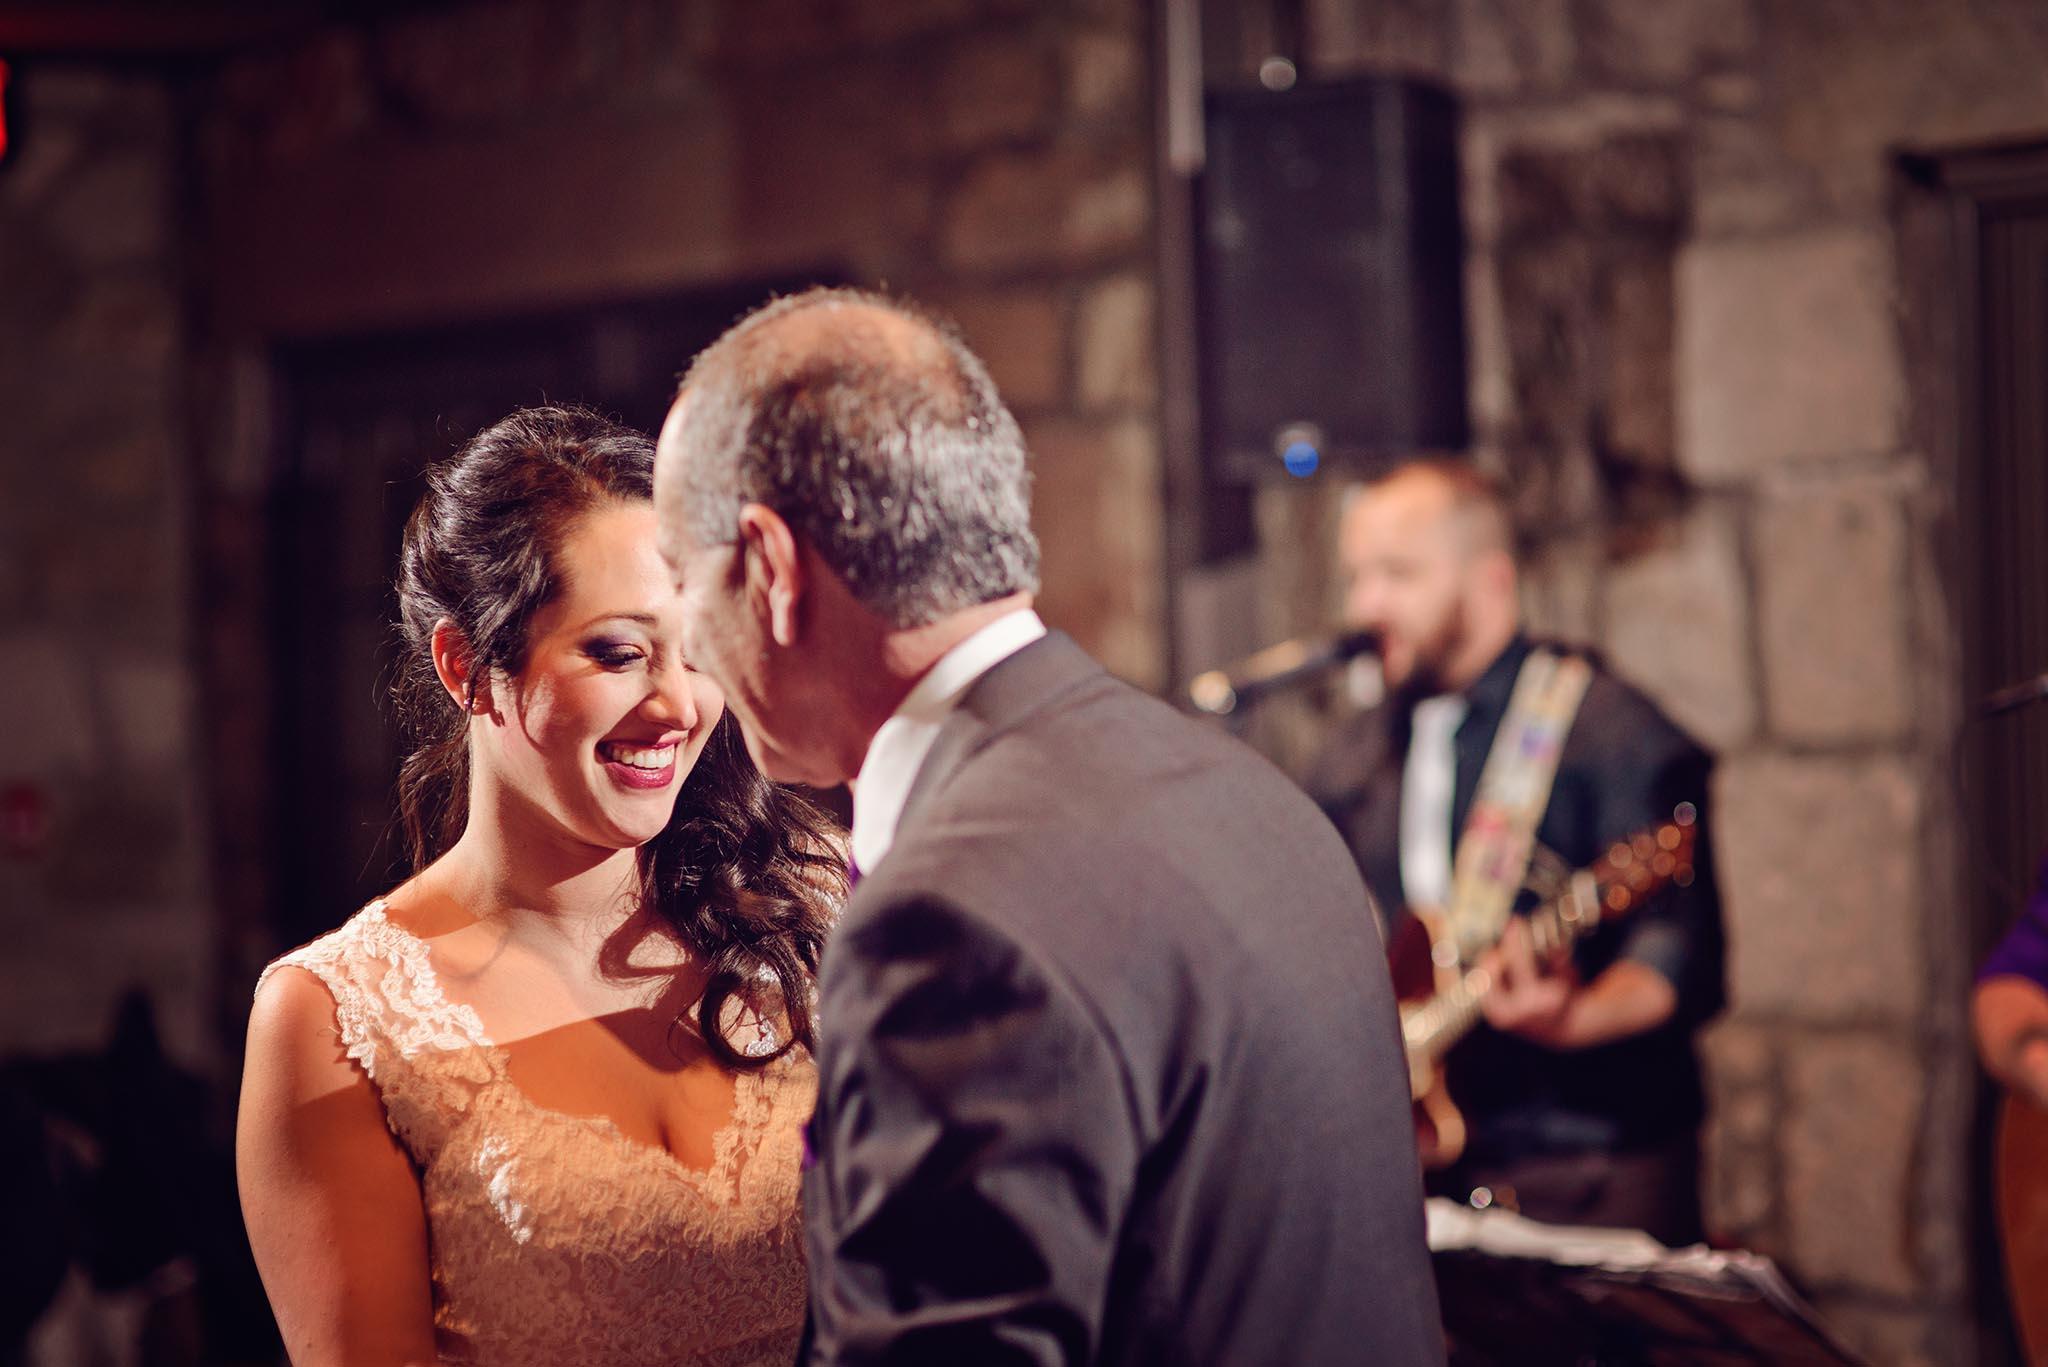 Peter-Bendevis-Photography-Kris-Laura-Cambridge-Mill-Winter-Wedding46